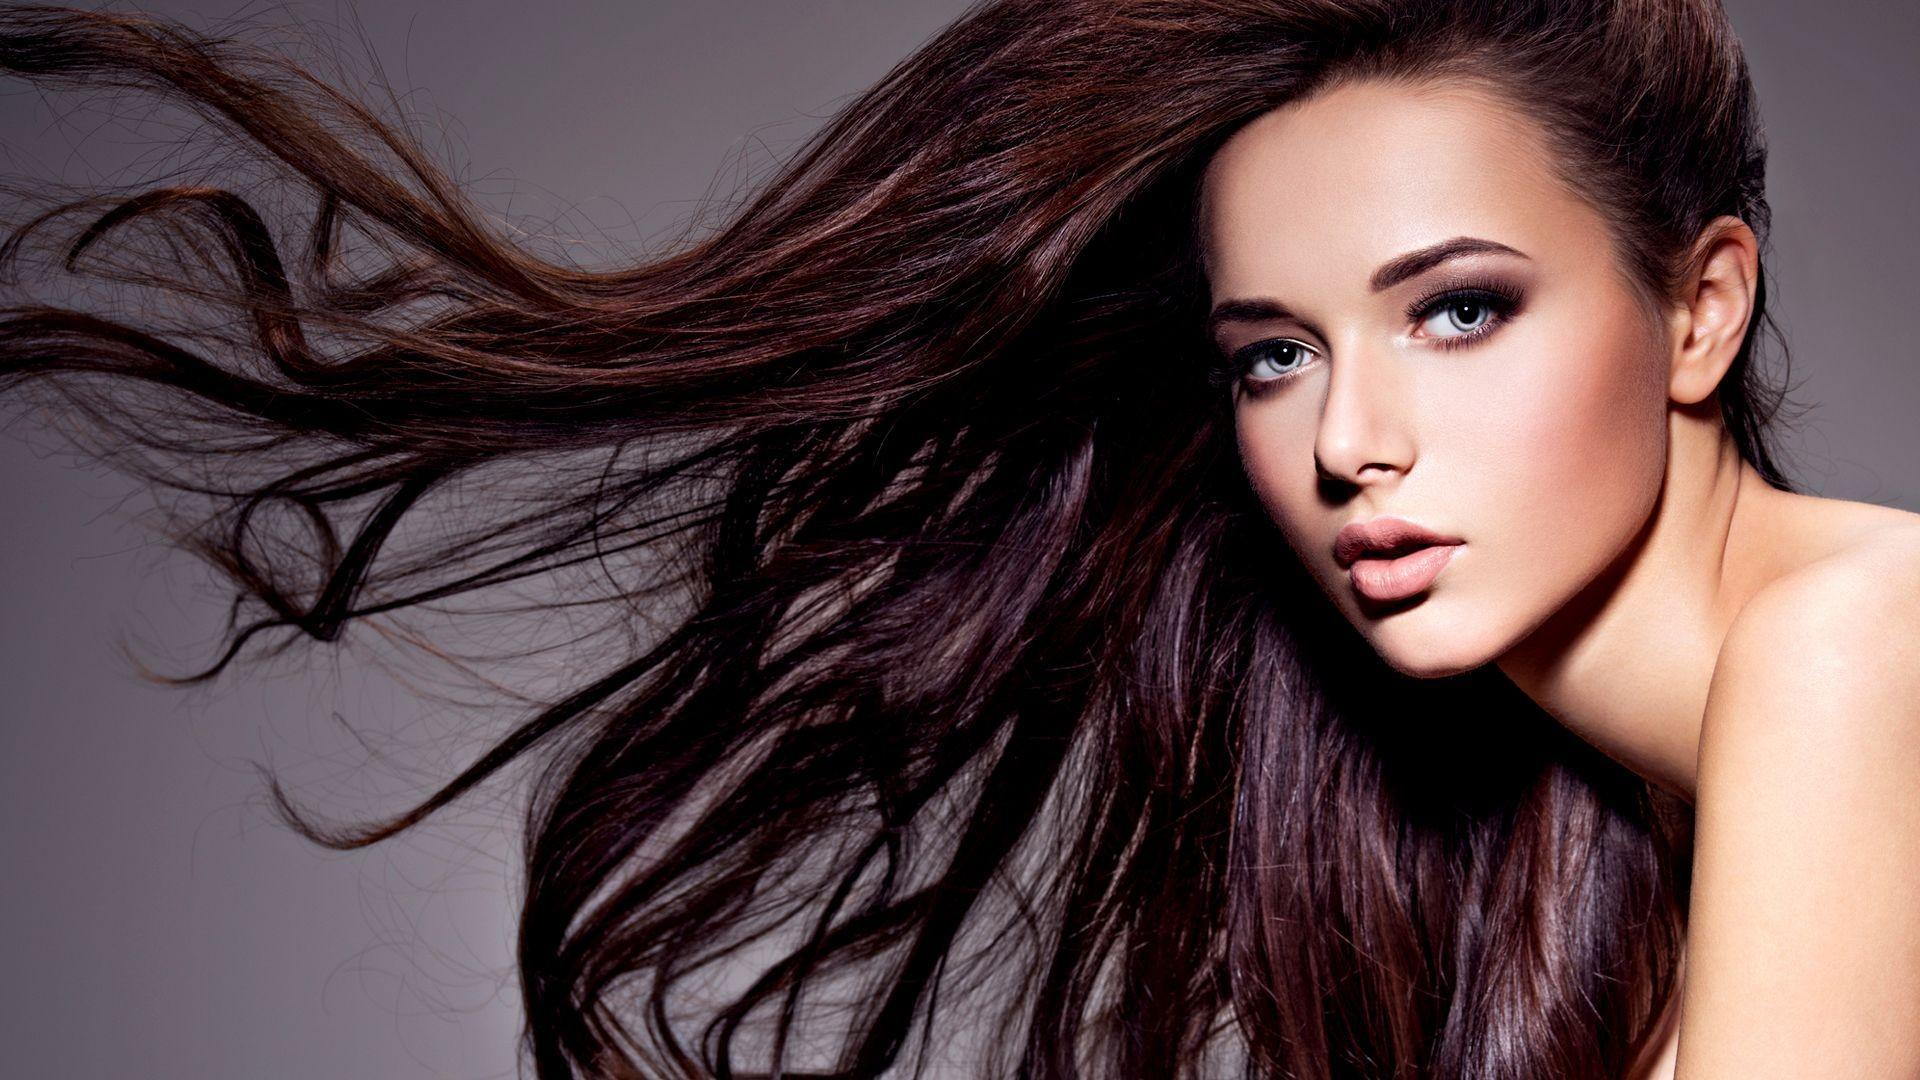 Servicios de peluquería y estética en Altea